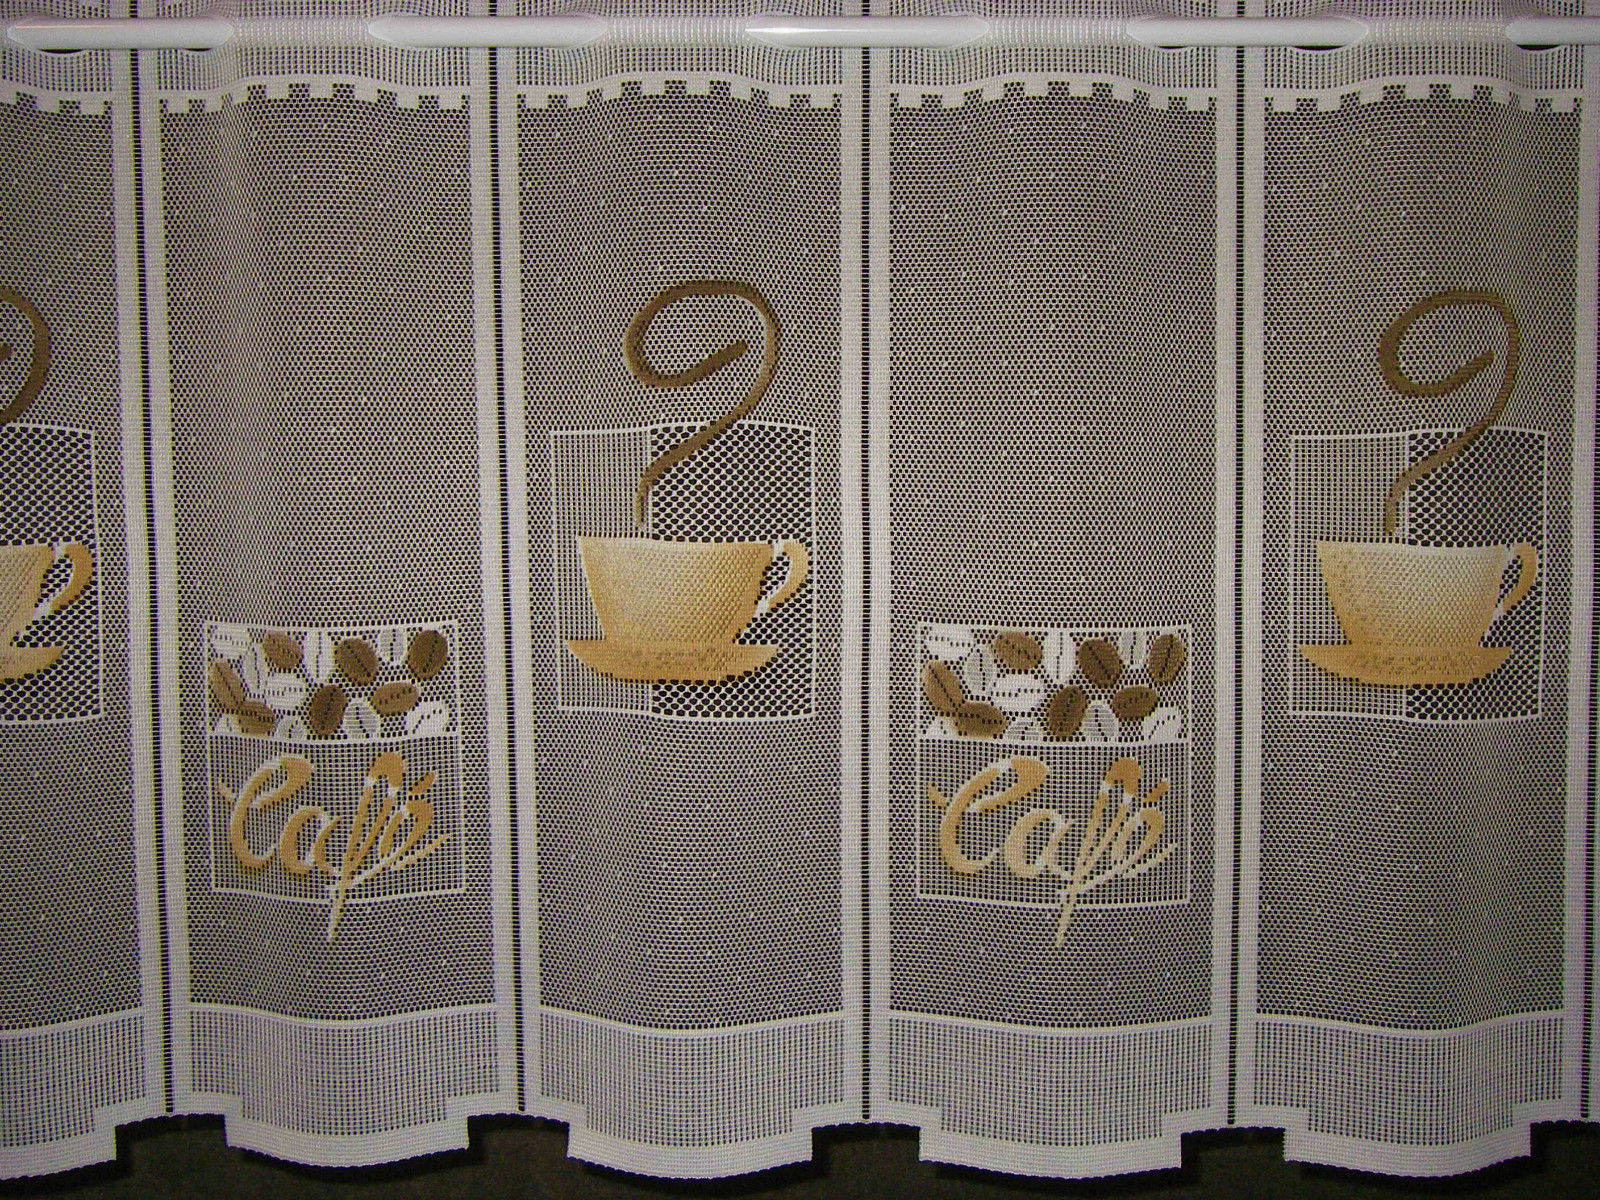 Full Size of Gardinen Mehr Als 10000 Angebote Betten Bei Ikea Modulküche Küche Kosten Miniküche Kaufen Sofa Mit Schlaffunktion 160x200 Wohnzimmer Küchengardinen Ikea